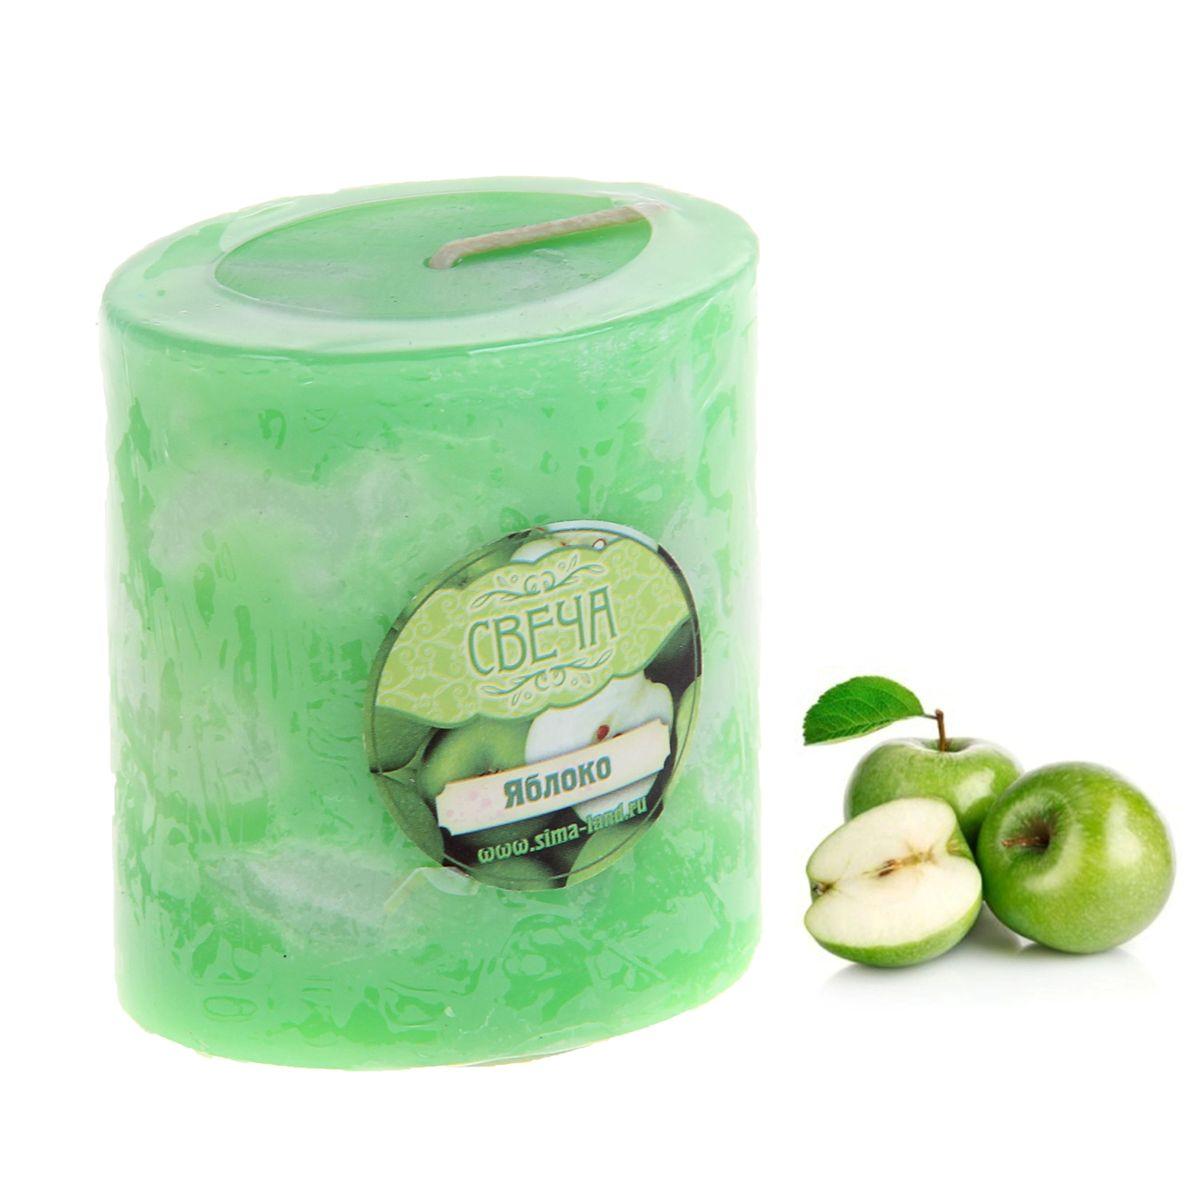 Свеча ароматизированная Sima-land Слияние, с ароматом яблока, цвет: зеленый, белый, высота 7 см849521Ароматизированная свеча Sima-land Слияние изготовлена из воска. Изделие отличается оригинальным дизайном и приятным ароматом яблока. Свеча Sima-land Слияние - это прекрасный выбор для тех, кто хочет сделать запоминающийся презент родным и близким. Она поможет создать атмосферу праздника. Такой подарок запомнится надолго.